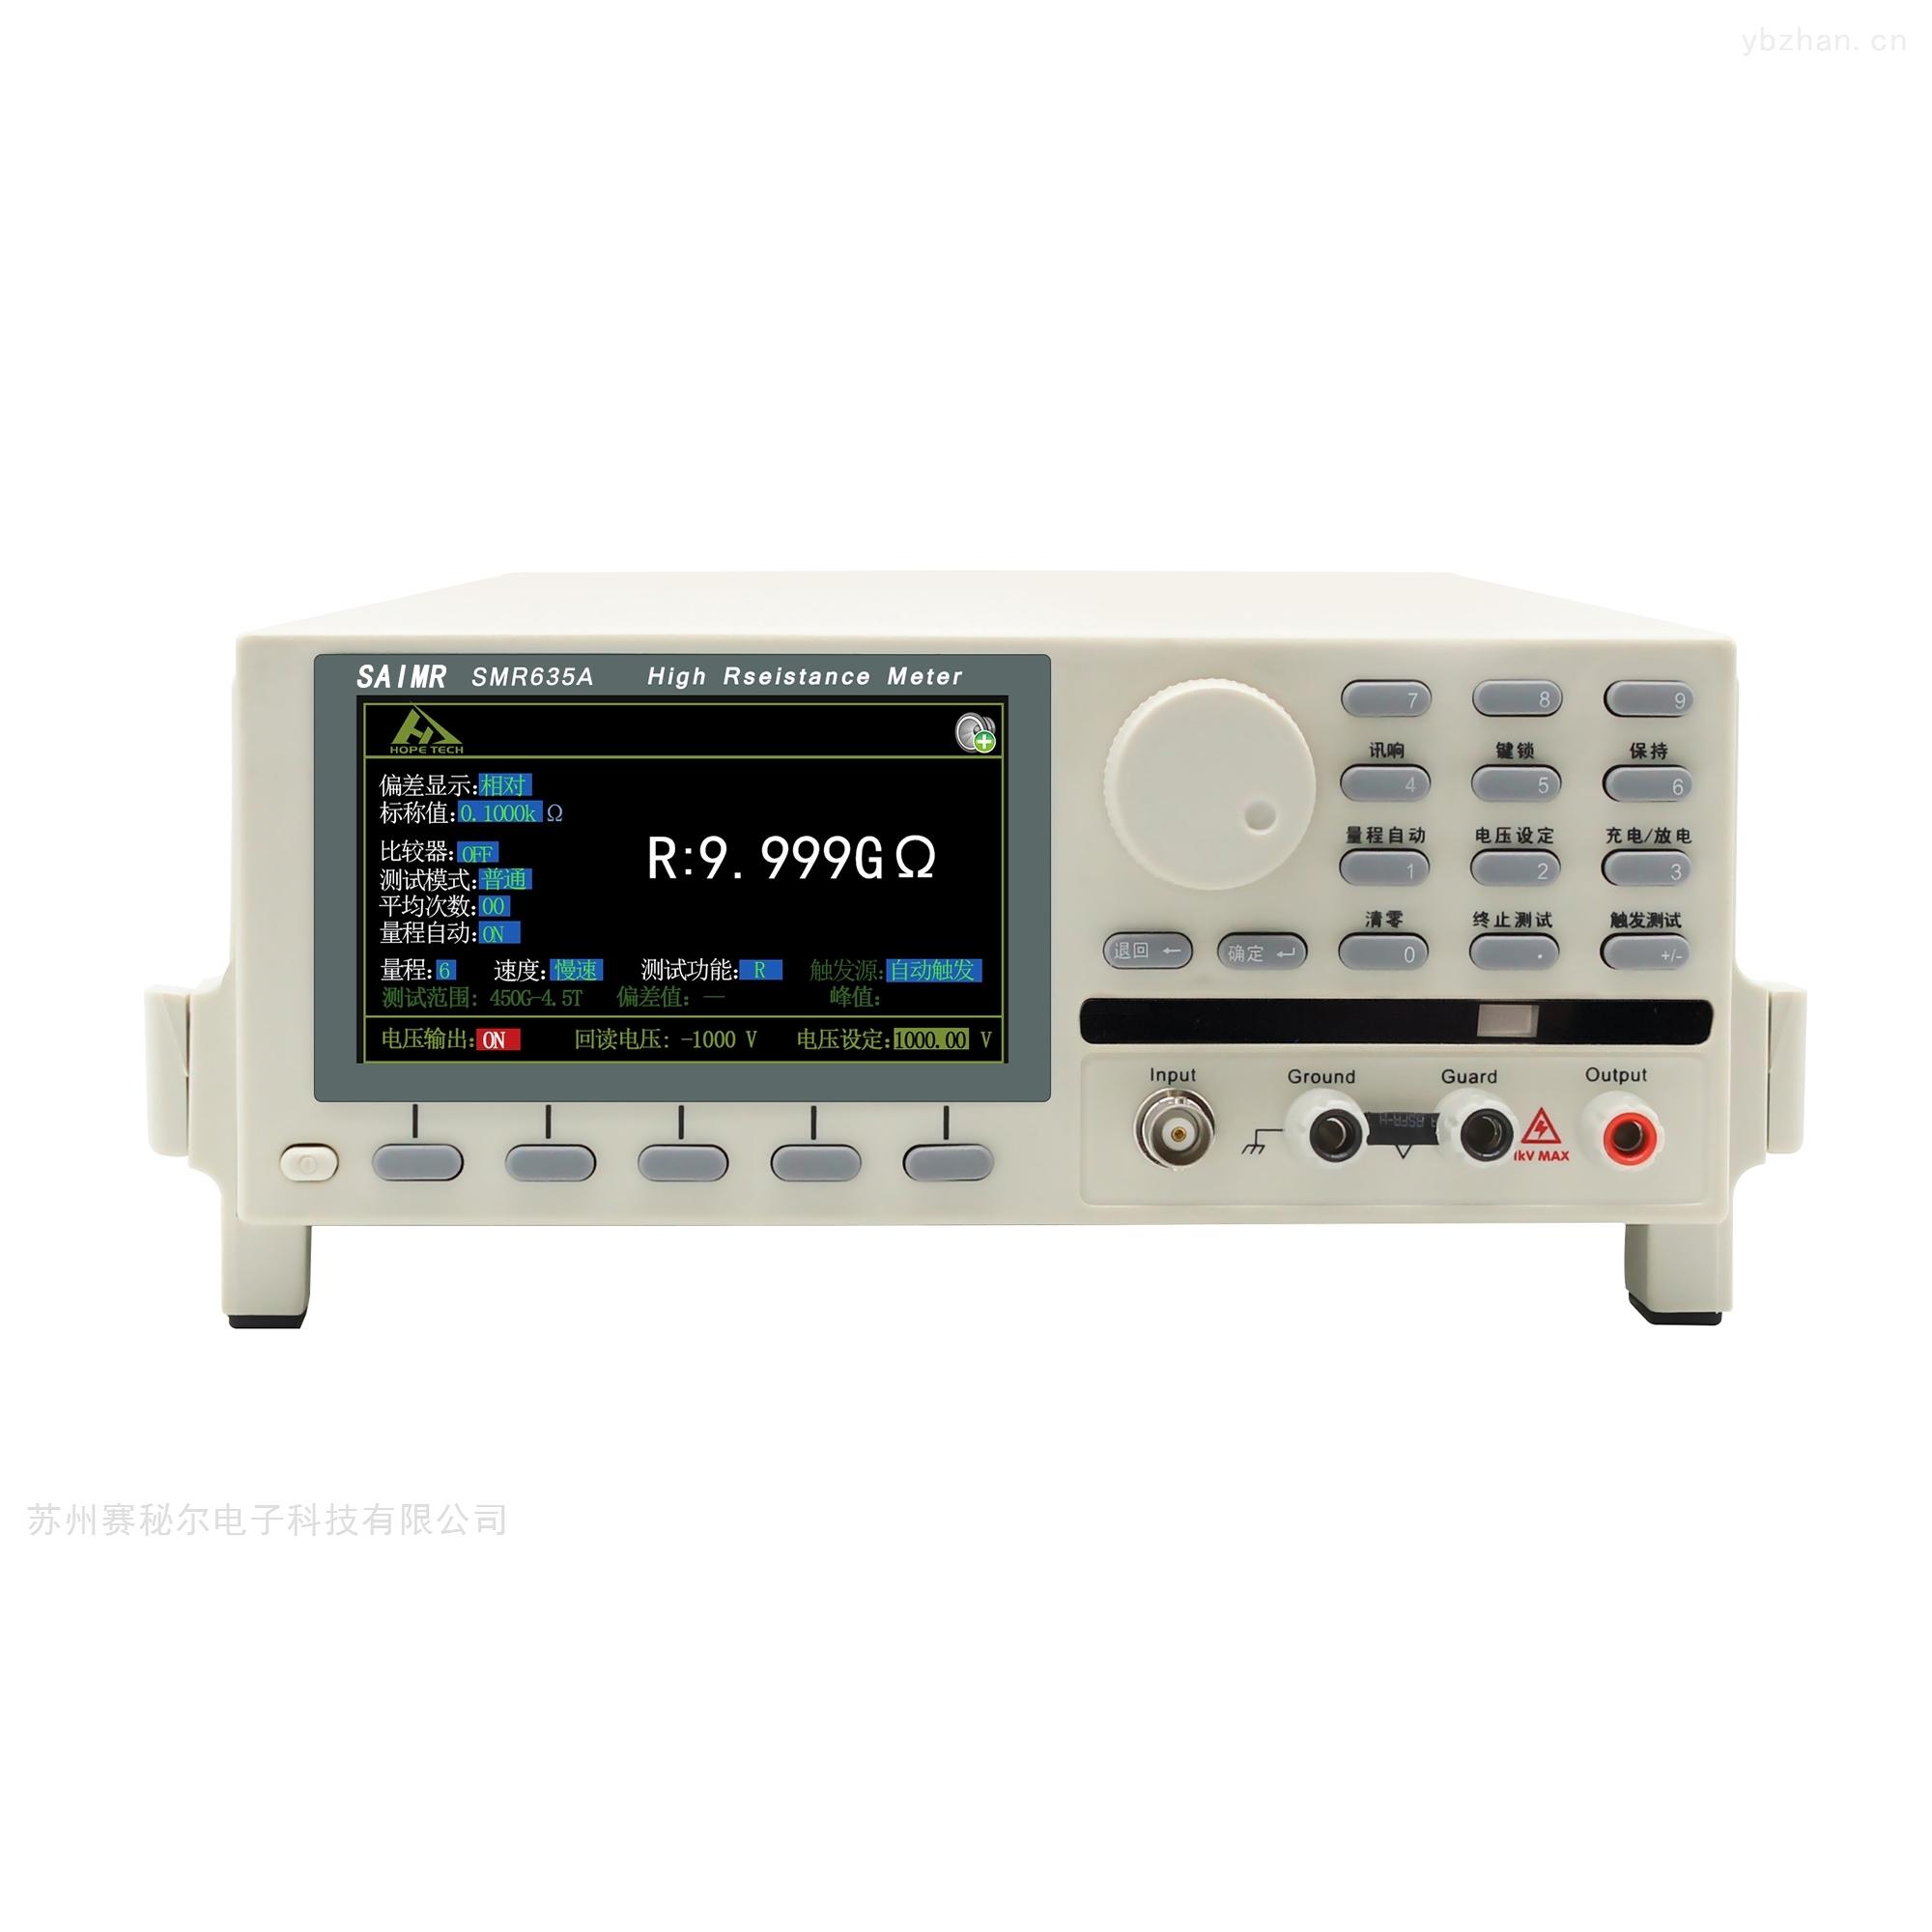 绝缘电阻测试仪 SMR635A